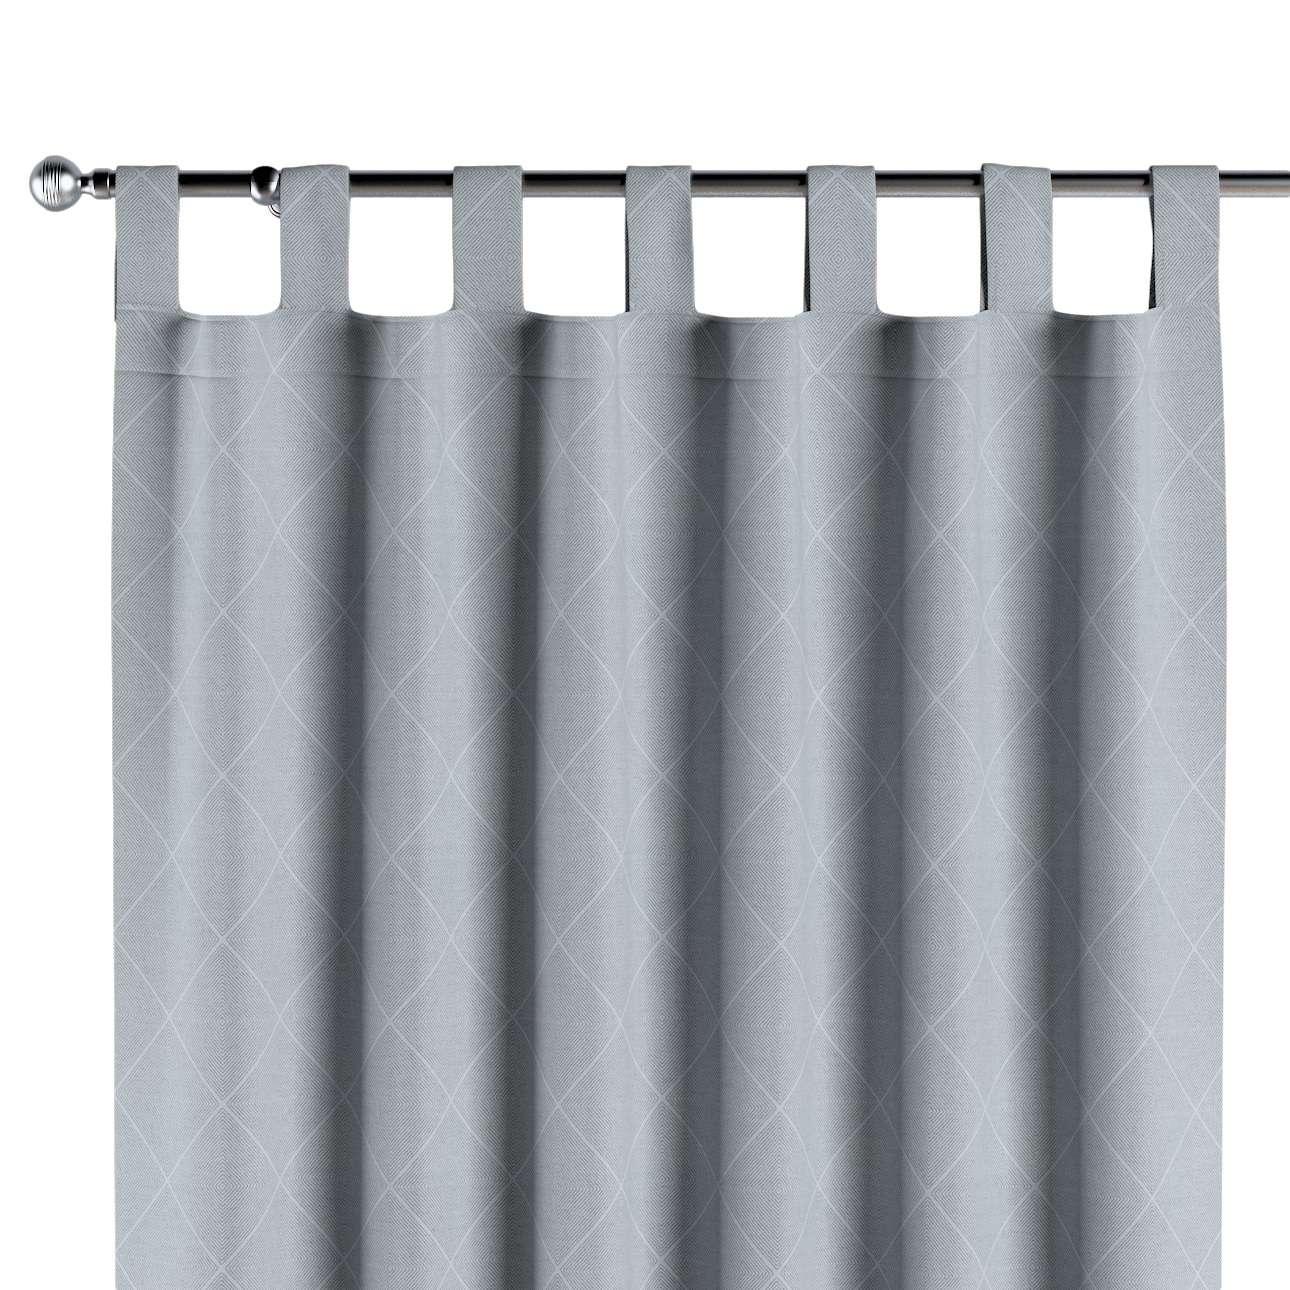 Schlaufenschal, grau-silbern, 130 × 260 cm, Venice (142-57) günstig online kaufen